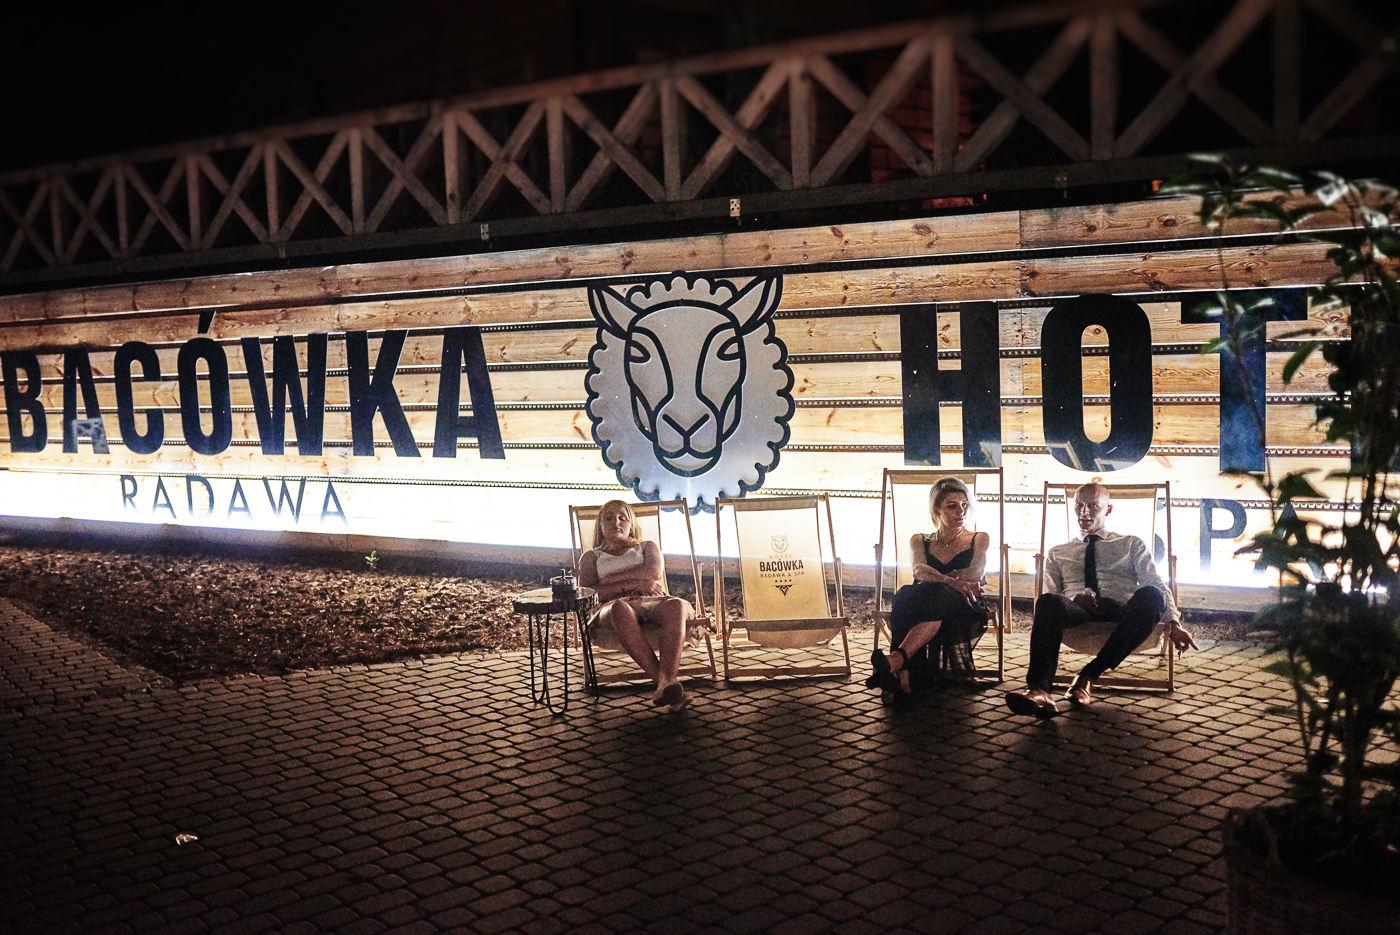 wesele-bacowka-radawa-spa-125